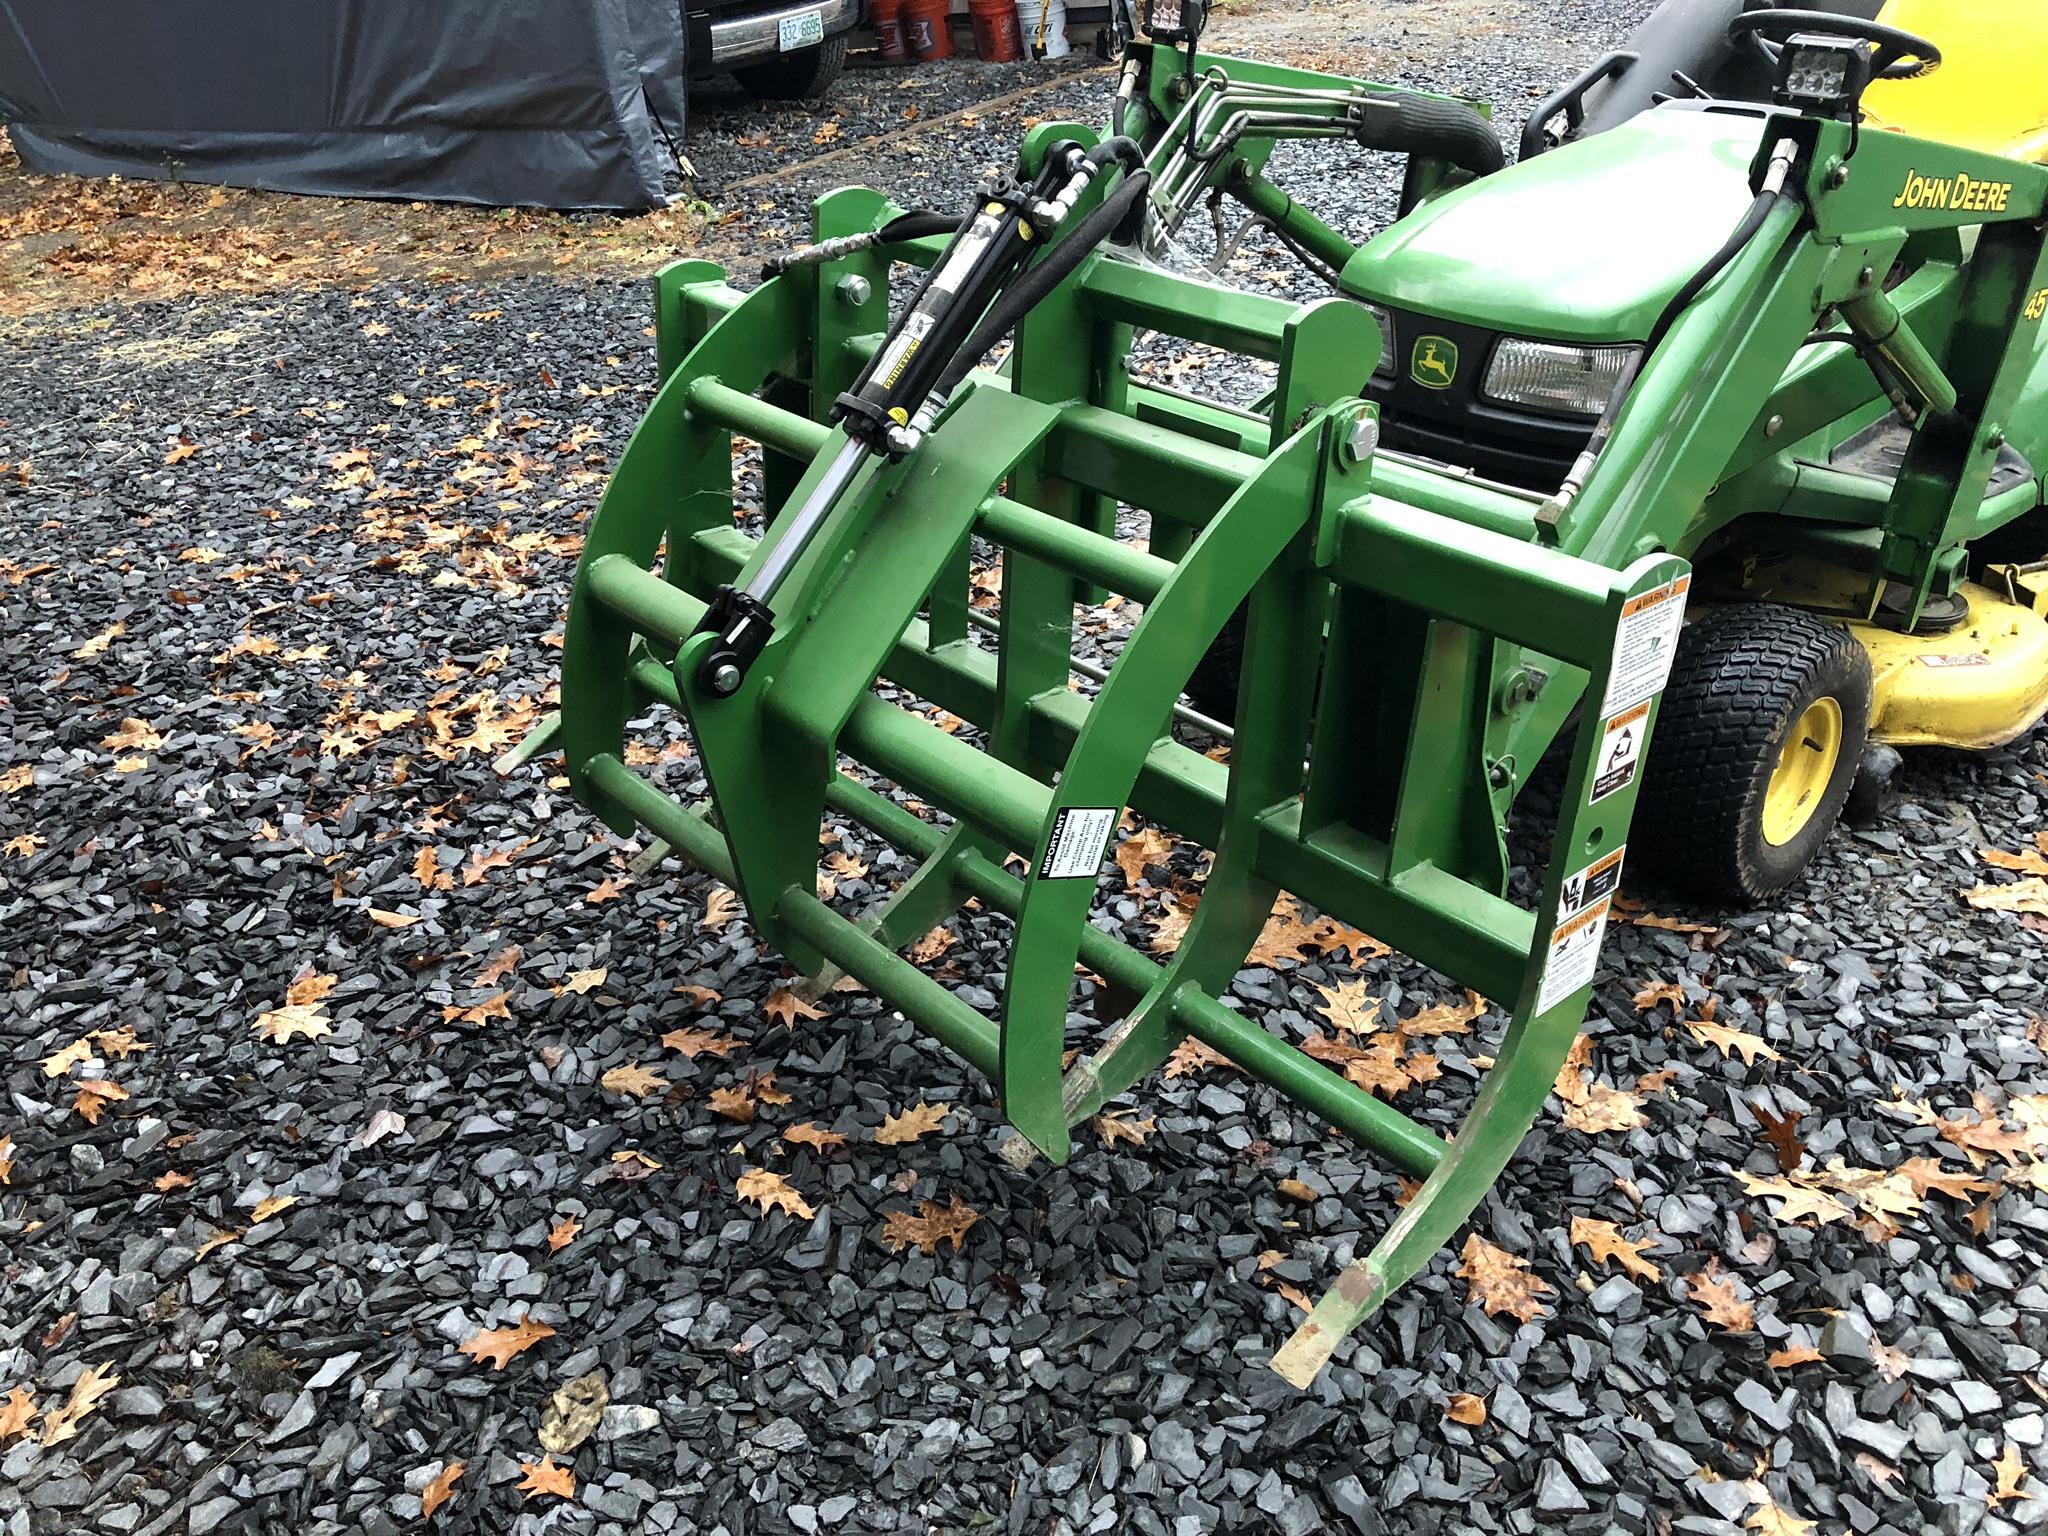 Brand New John Deere / Frontier AV20H Root Grapple Charlestown, NH